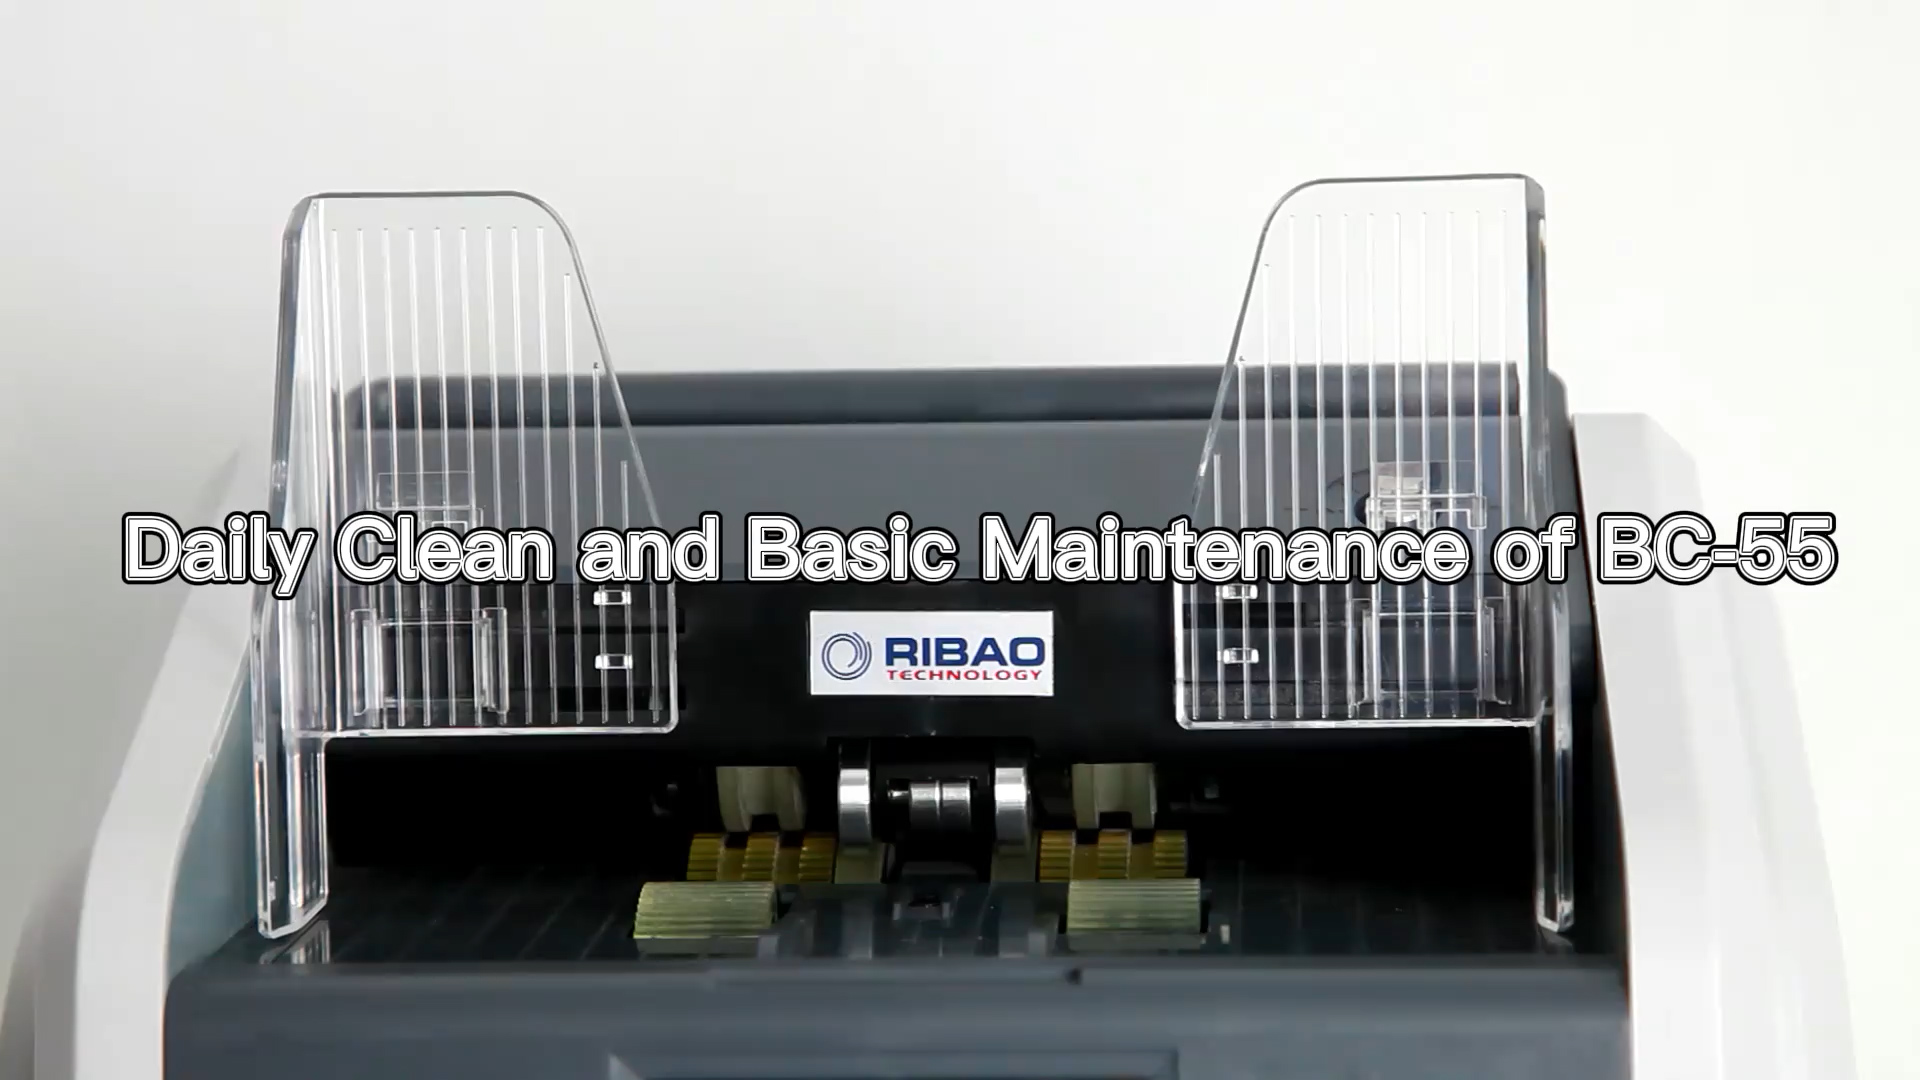 Ежедневно чистое и базовое обслуживание BC-55